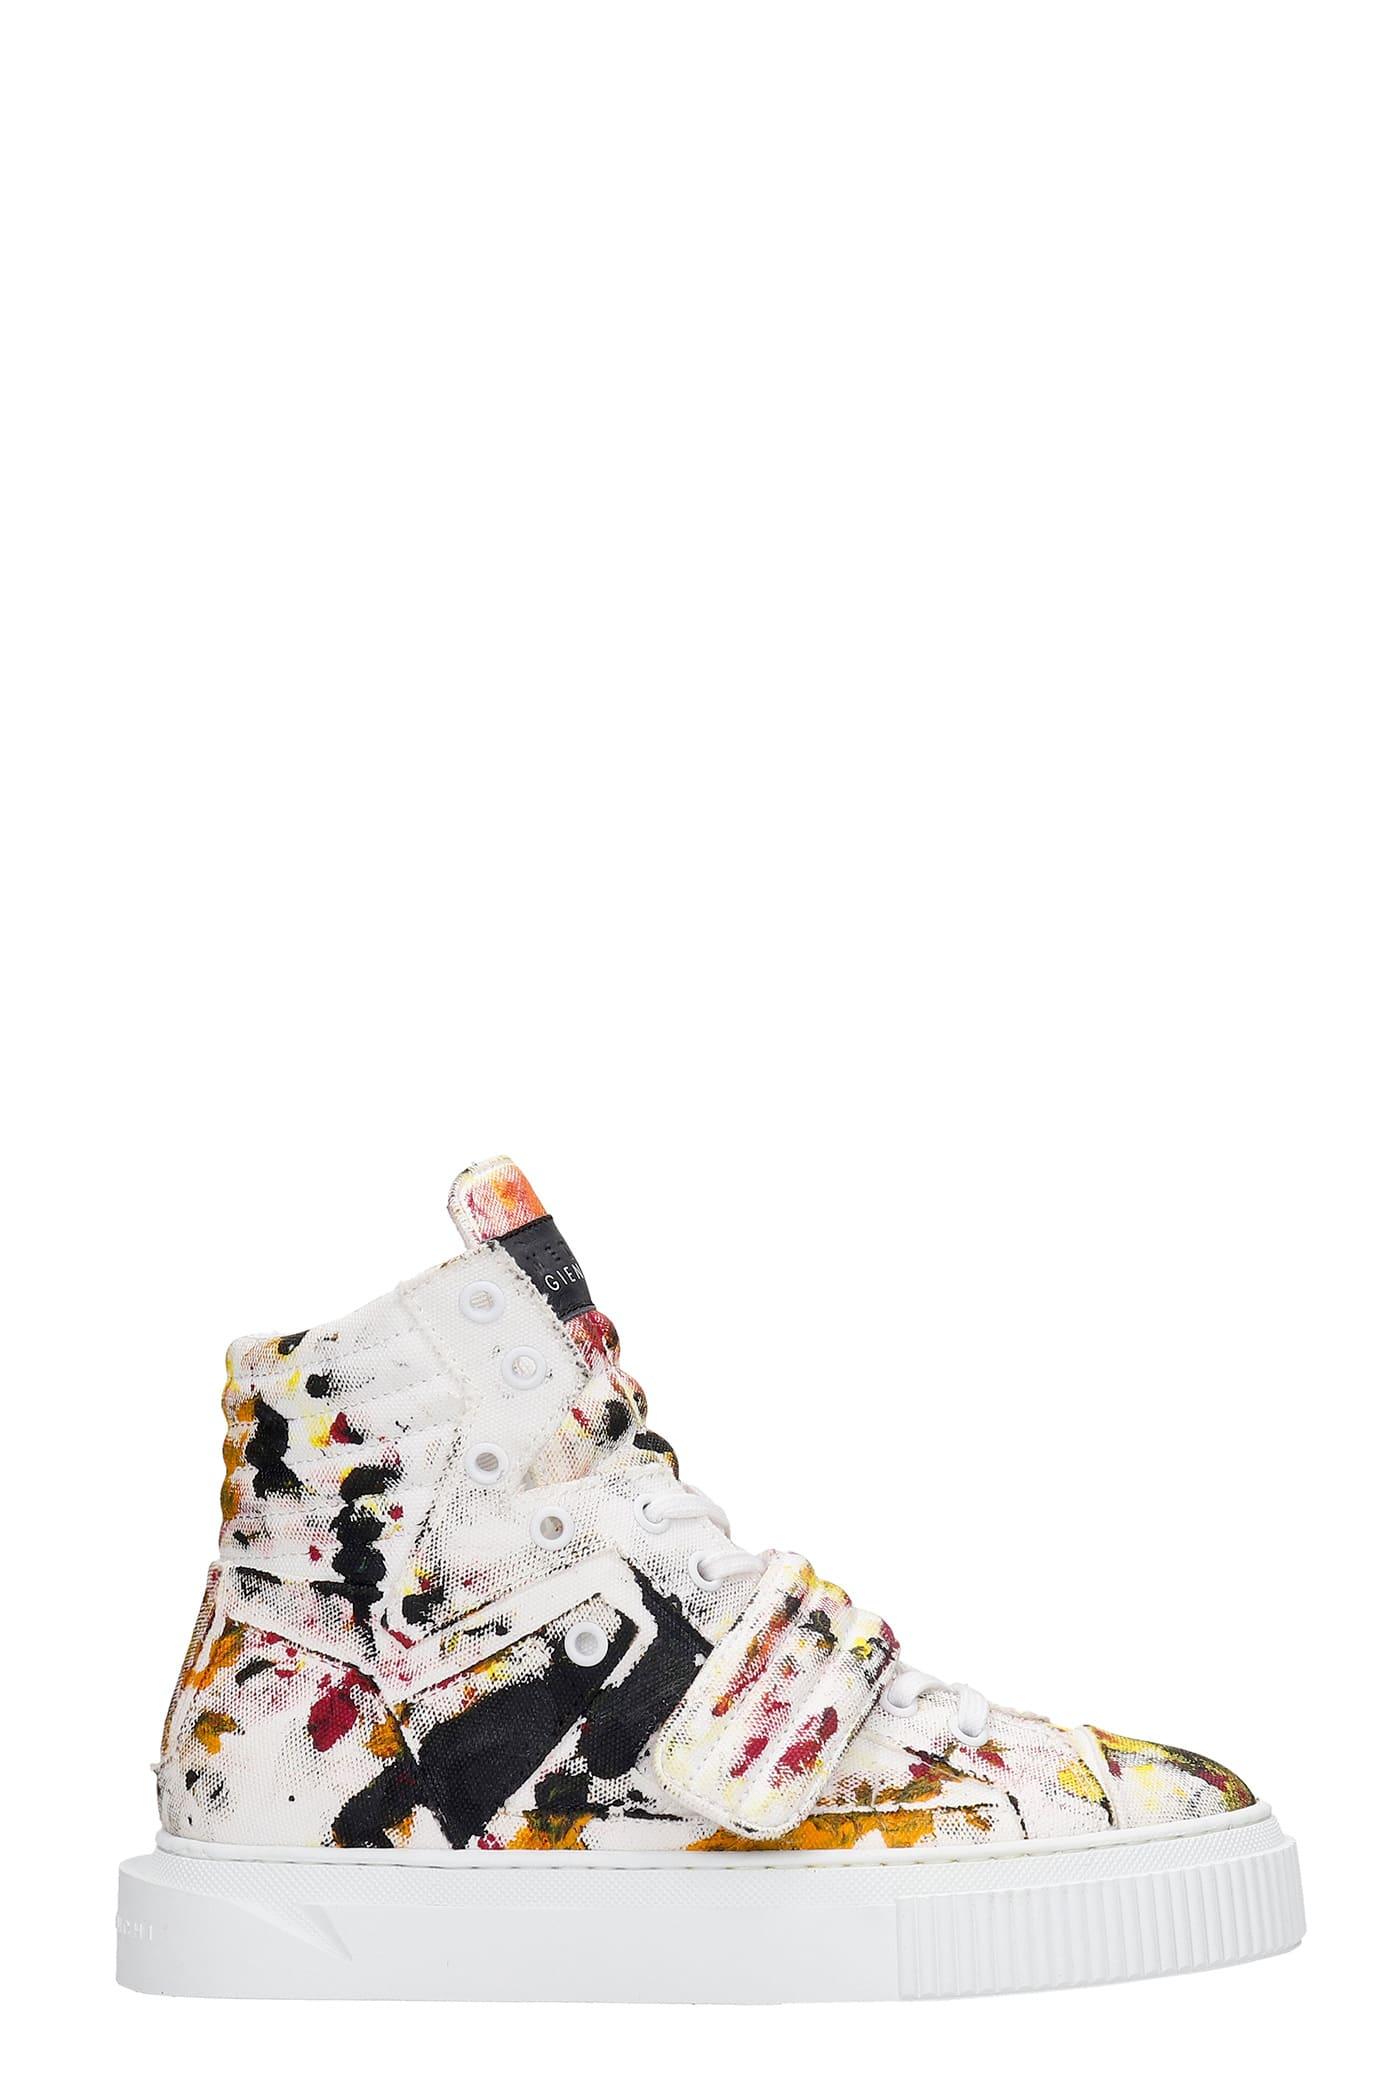 Hypnos Shake Sneakers In Multicolor Canvas